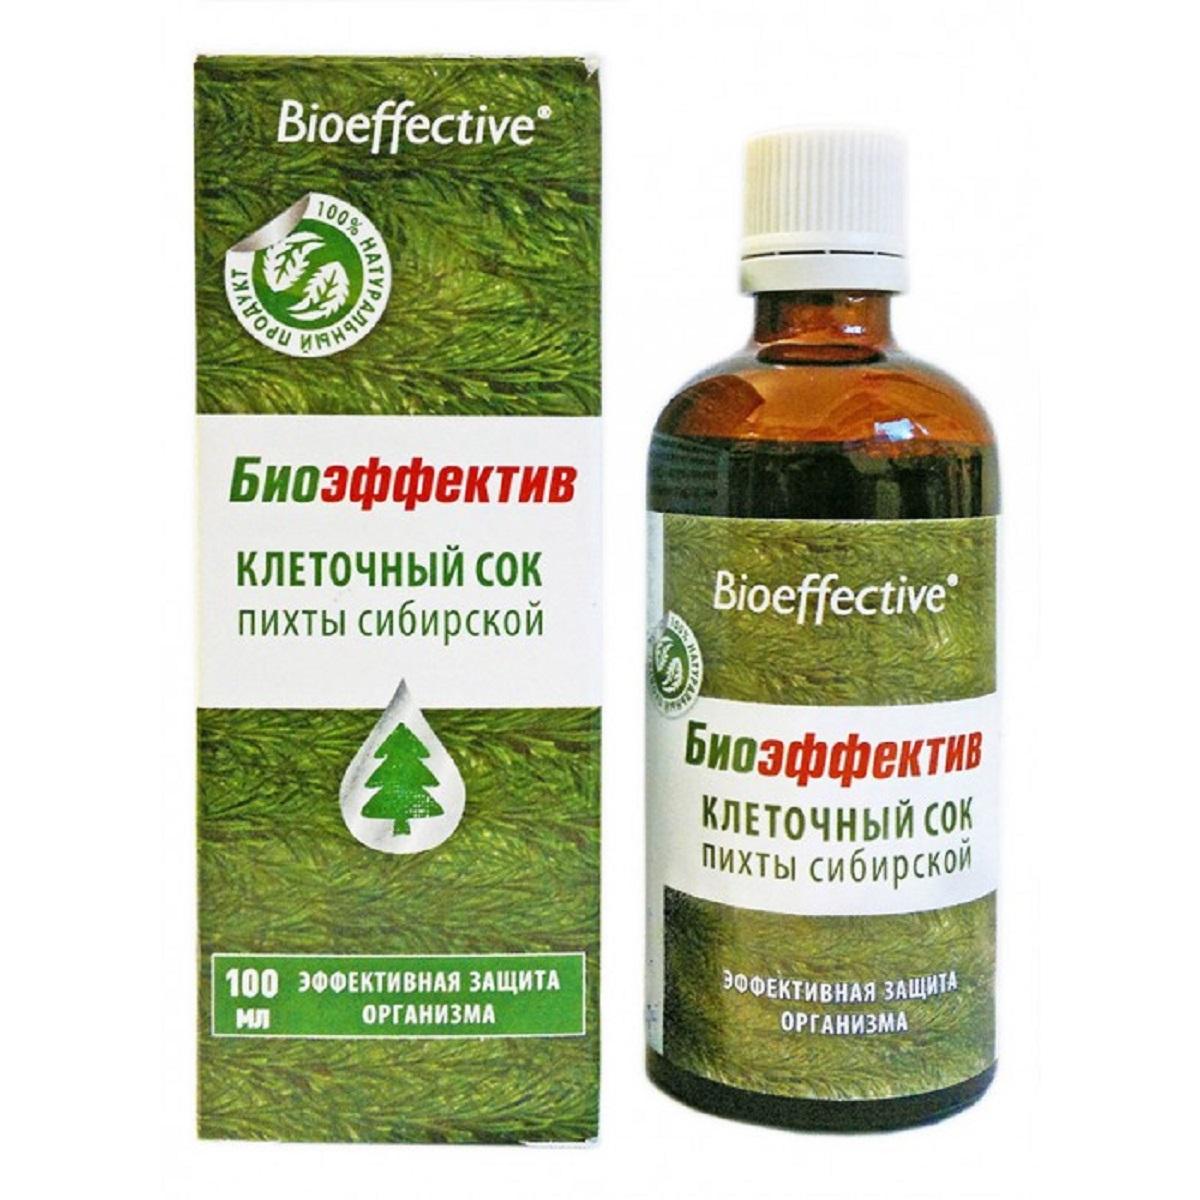 Биэффектив клеточный сок пихты сибирской, 100 мл2587Клеточный сок пихты - помощь иммунитету в зимний и весенний период, а также во время повышенных нагрузок. Упаковки хватит на месяц, достаточно 20 капель в день, очень экономно. Производится из свежезаготовленной хвои путем углекислотной экстрактации. То есть никаких повышенных температур, органических растворителей и консервантов - вся сила тайги добыта и сохранена в первозданном виде.Сок пихты БиоЭффектив уникален по своим свойствам. Он способен поднять тонус всего вашего организма. В состав сока входят витамин С, каротин, мальтол, многочисленные макро- и микроэлементы. Мальтол - сильнейший природный антиоксидант, он не дает свободным радикалам разрушать клетки организма и улучшает всасываемость и усвоение железа.Продукт не содержит консервантов, стабилизаторов, сахара, спирта, воды из внешних источников – это абсолютно натуральный, экологически чистый продукт, который отлично подходит детям и лицам пожилого возраста для оздоровления и укрепления организма.